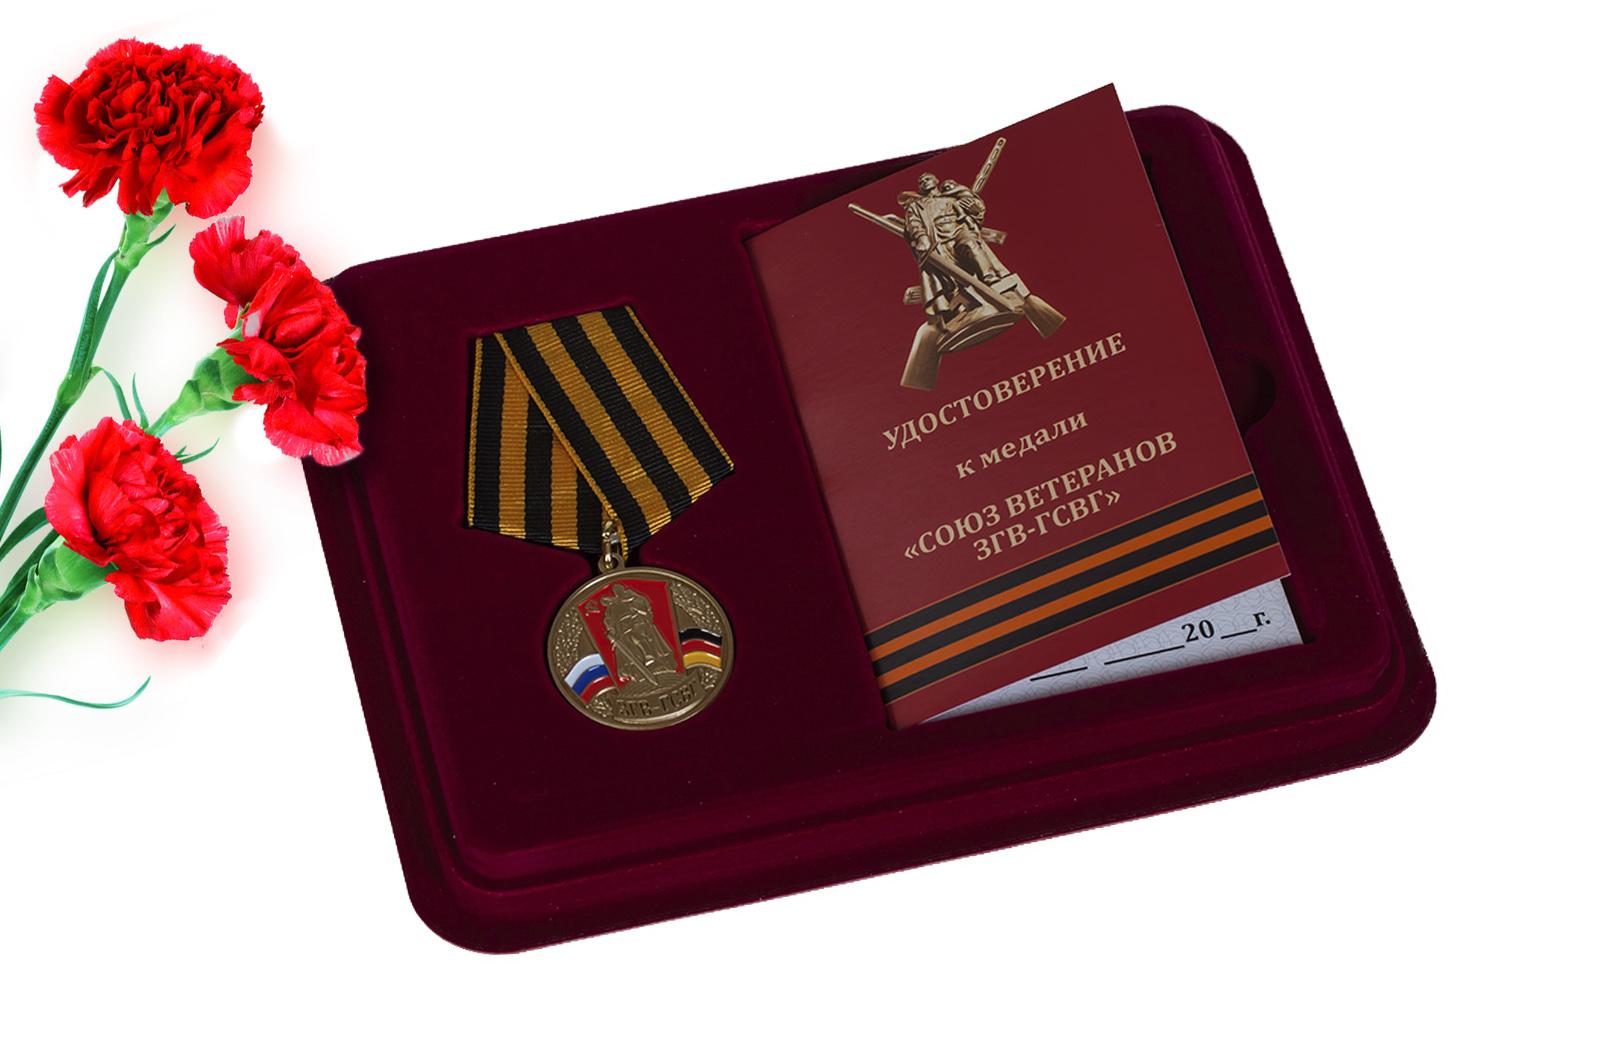 Купить медаль Союз ветеранов ЗГВ-ГСВГ в футляре с удостоверением оптом выгодно